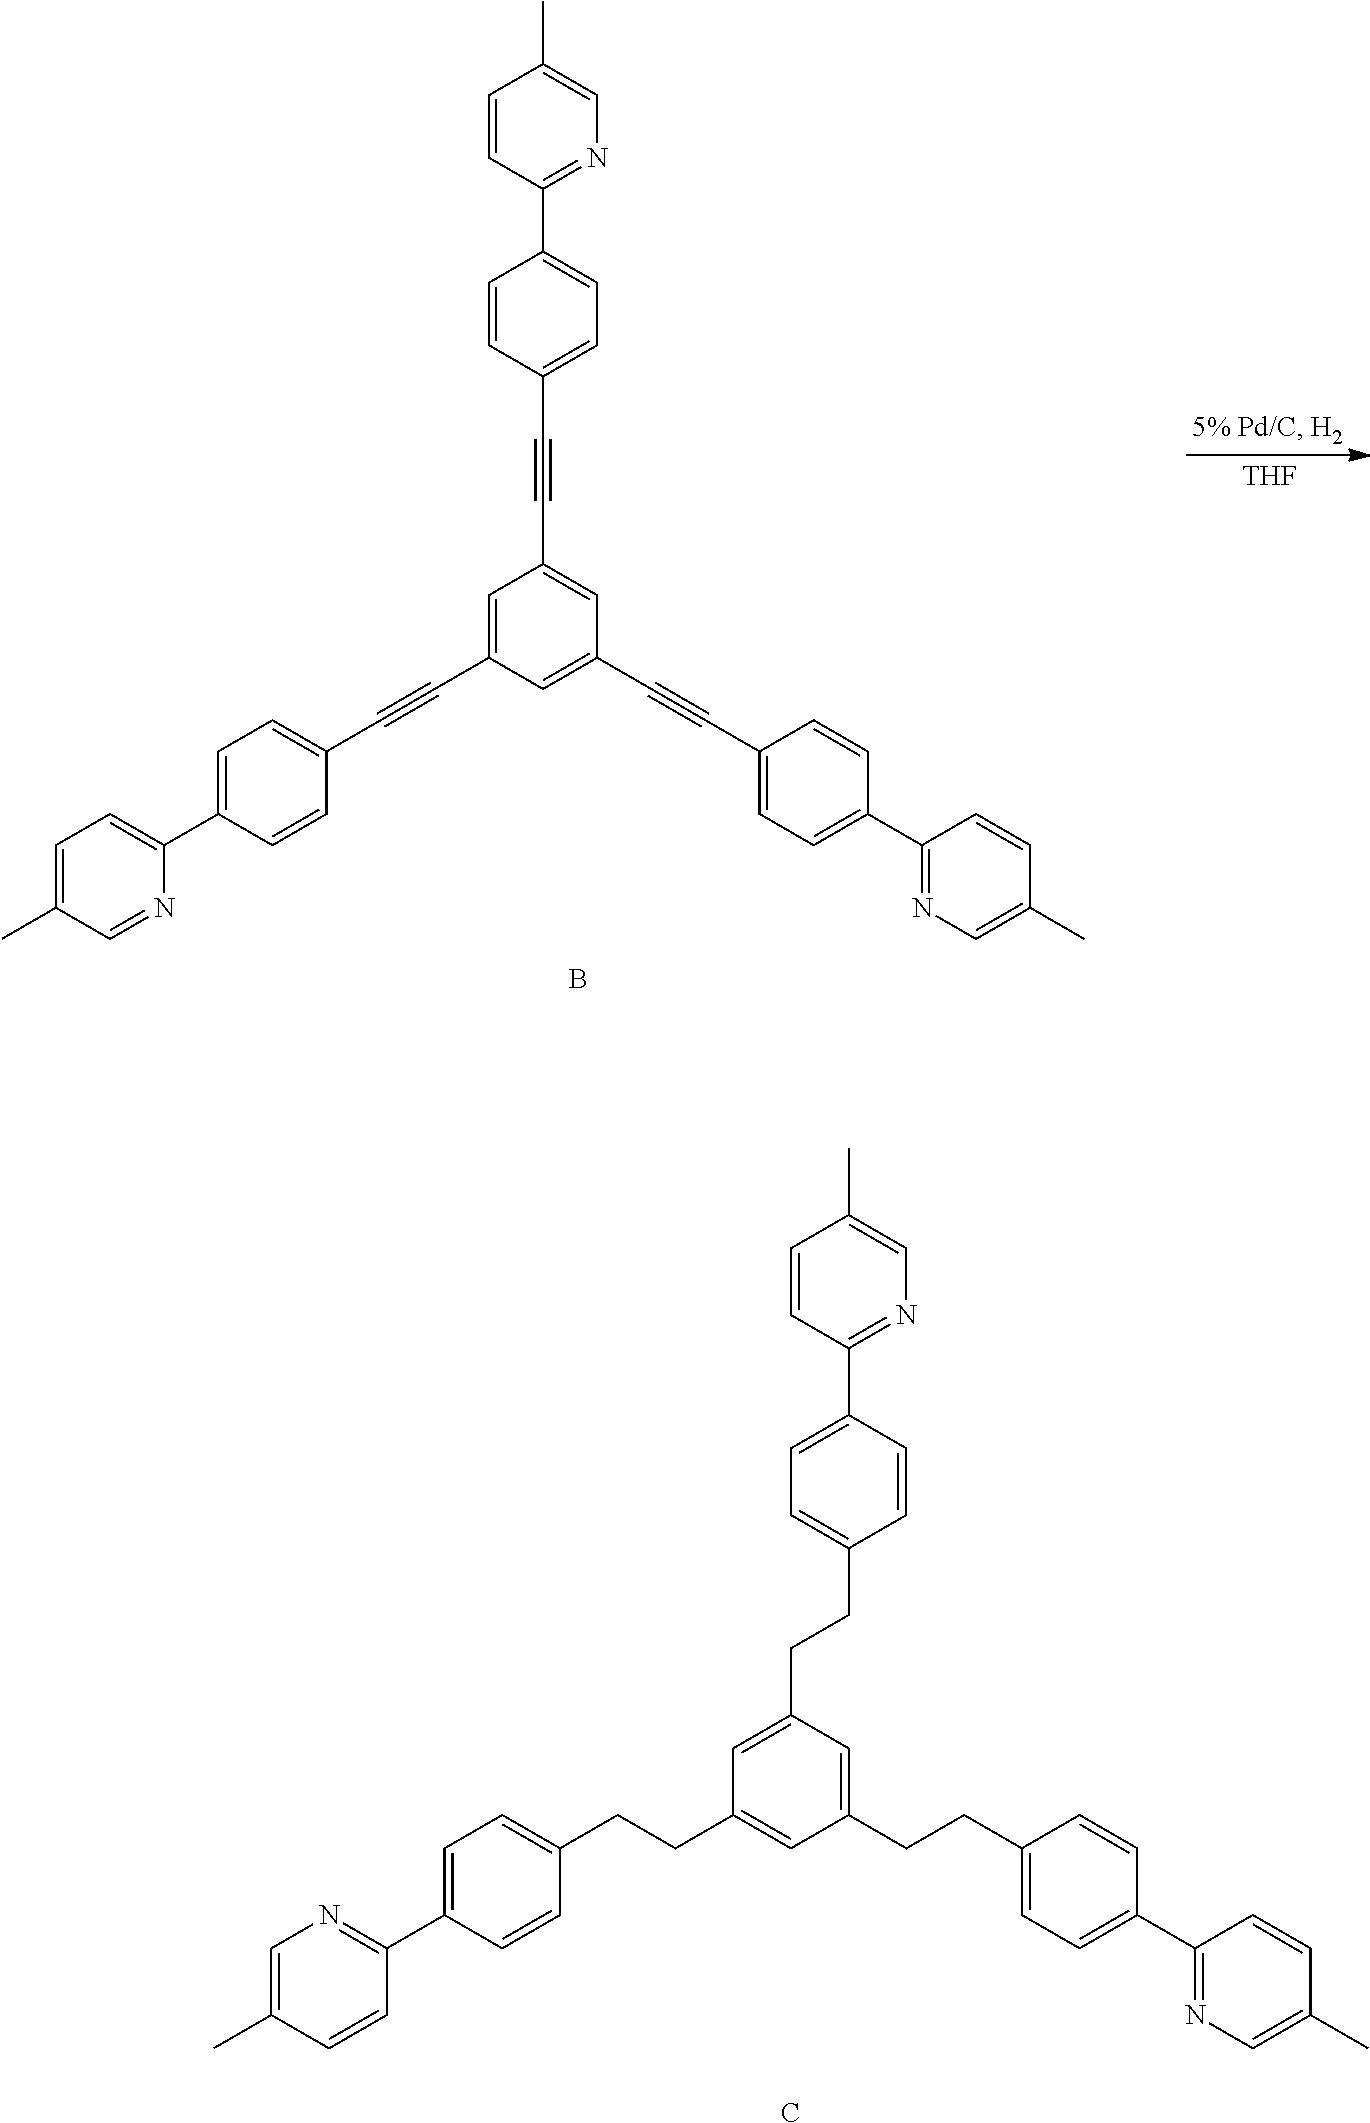 Figure US20110060143A1-20110310-C00089